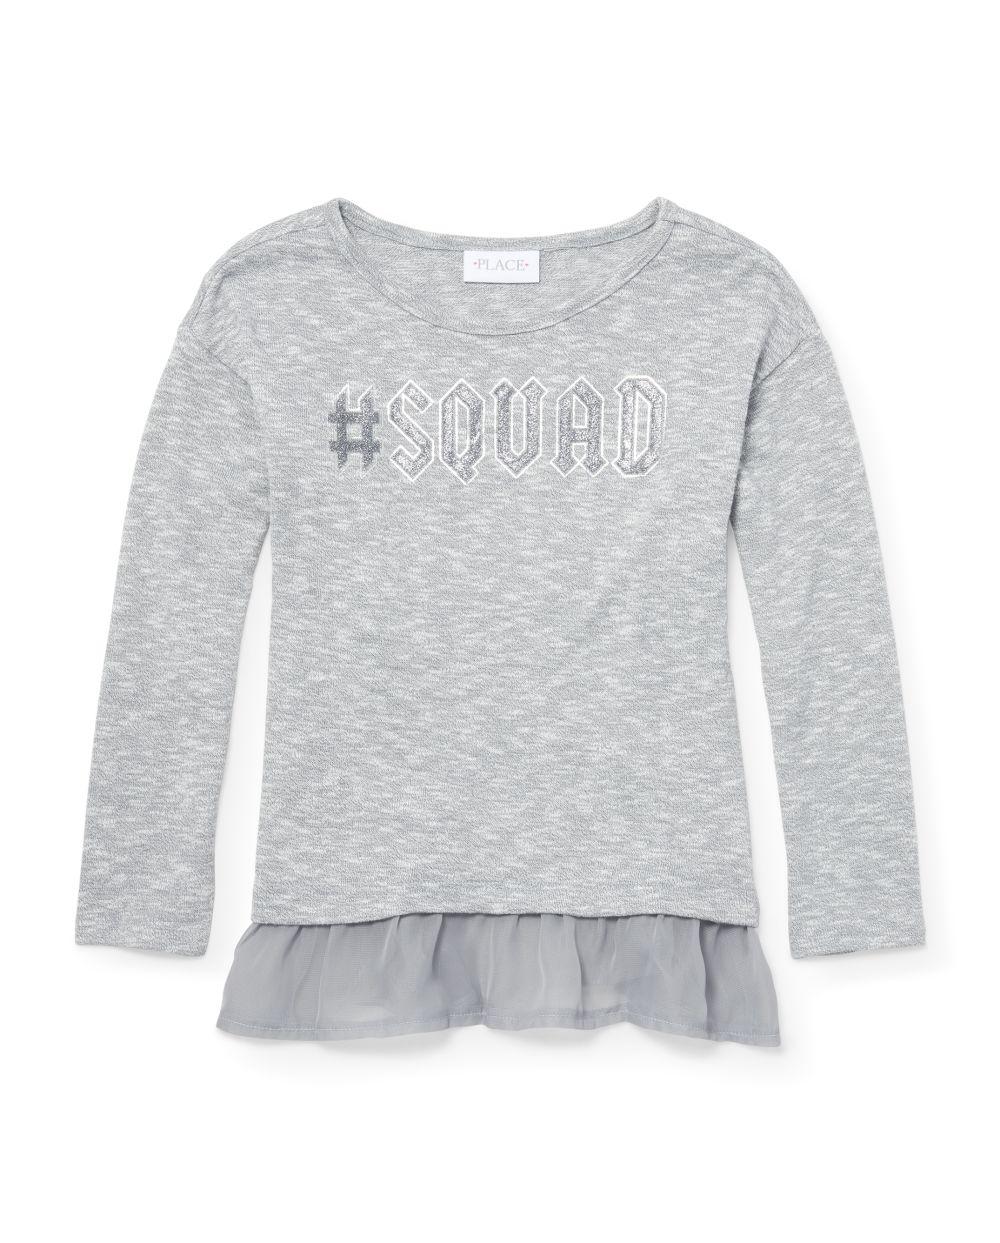 Girls Long Sleeve Glitter Graphic Lightweight Sweater Peplum Top